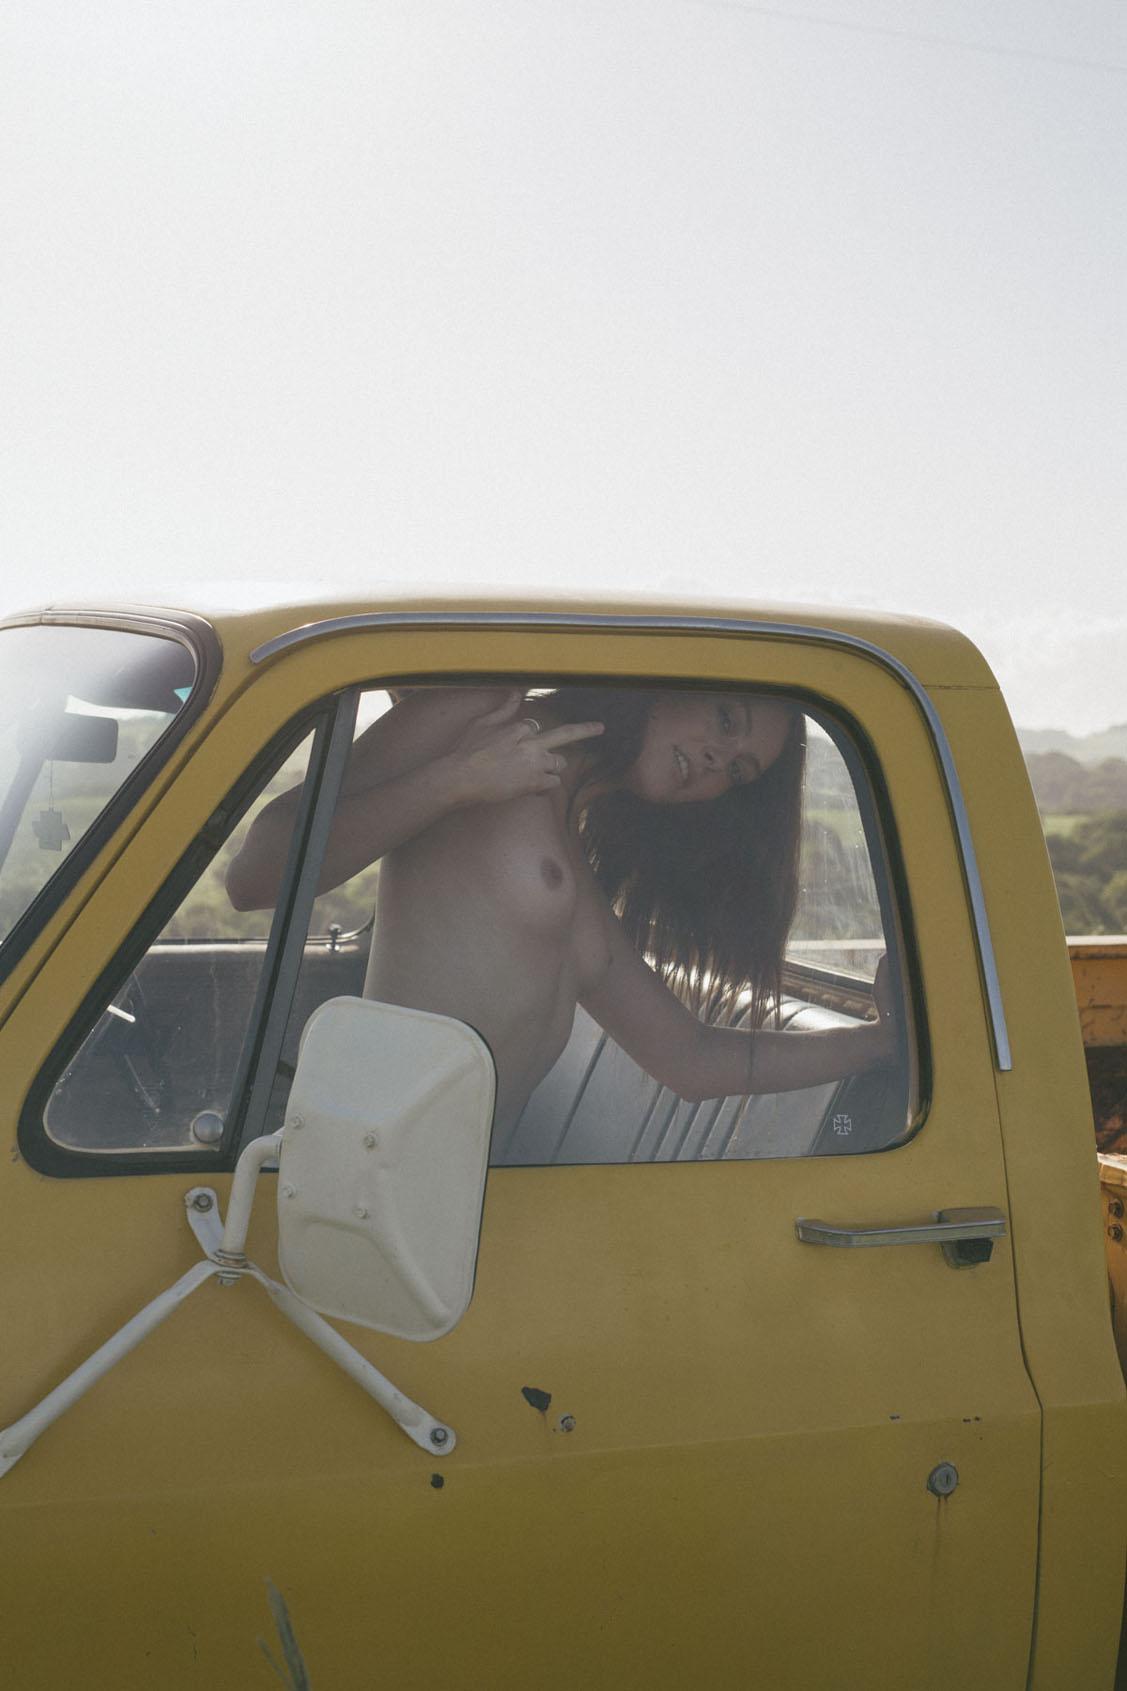 голая девушка в желтом грузовике на пустынной дороге / фото 04